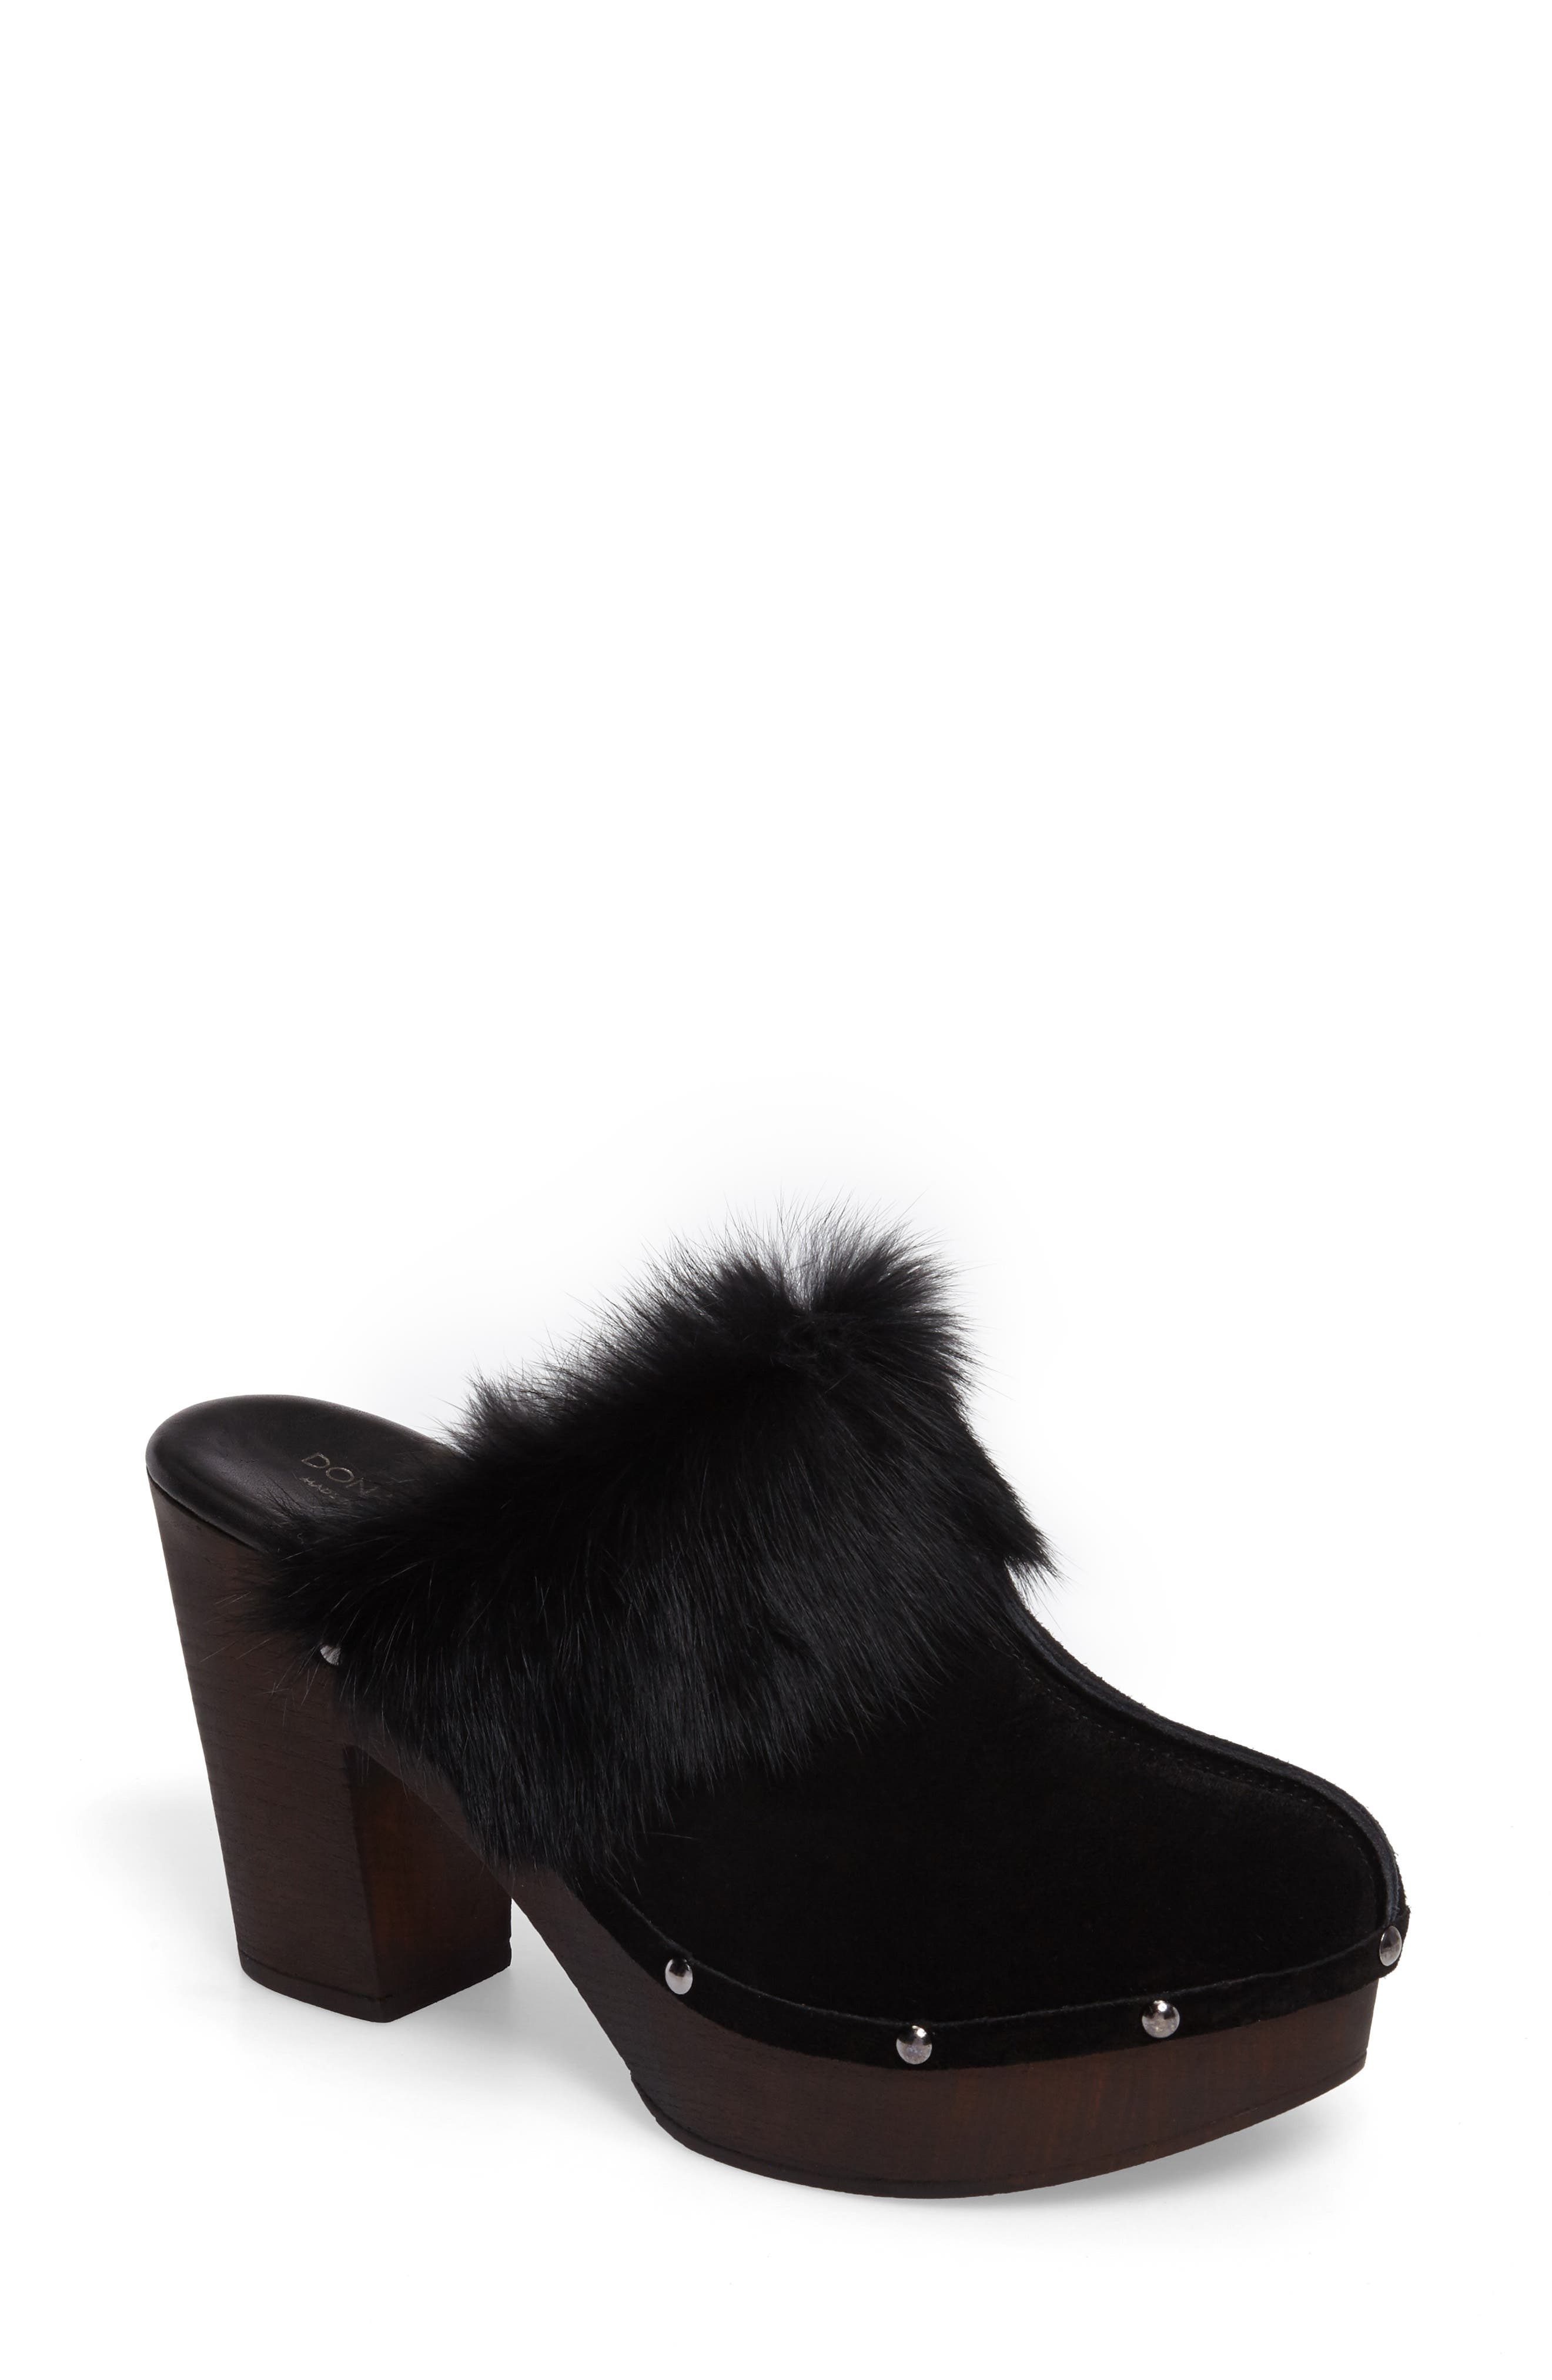 Alternate Image 1 Selected - Donald J Pliner Willo Genuine Rabbit Fur Mule (Women)